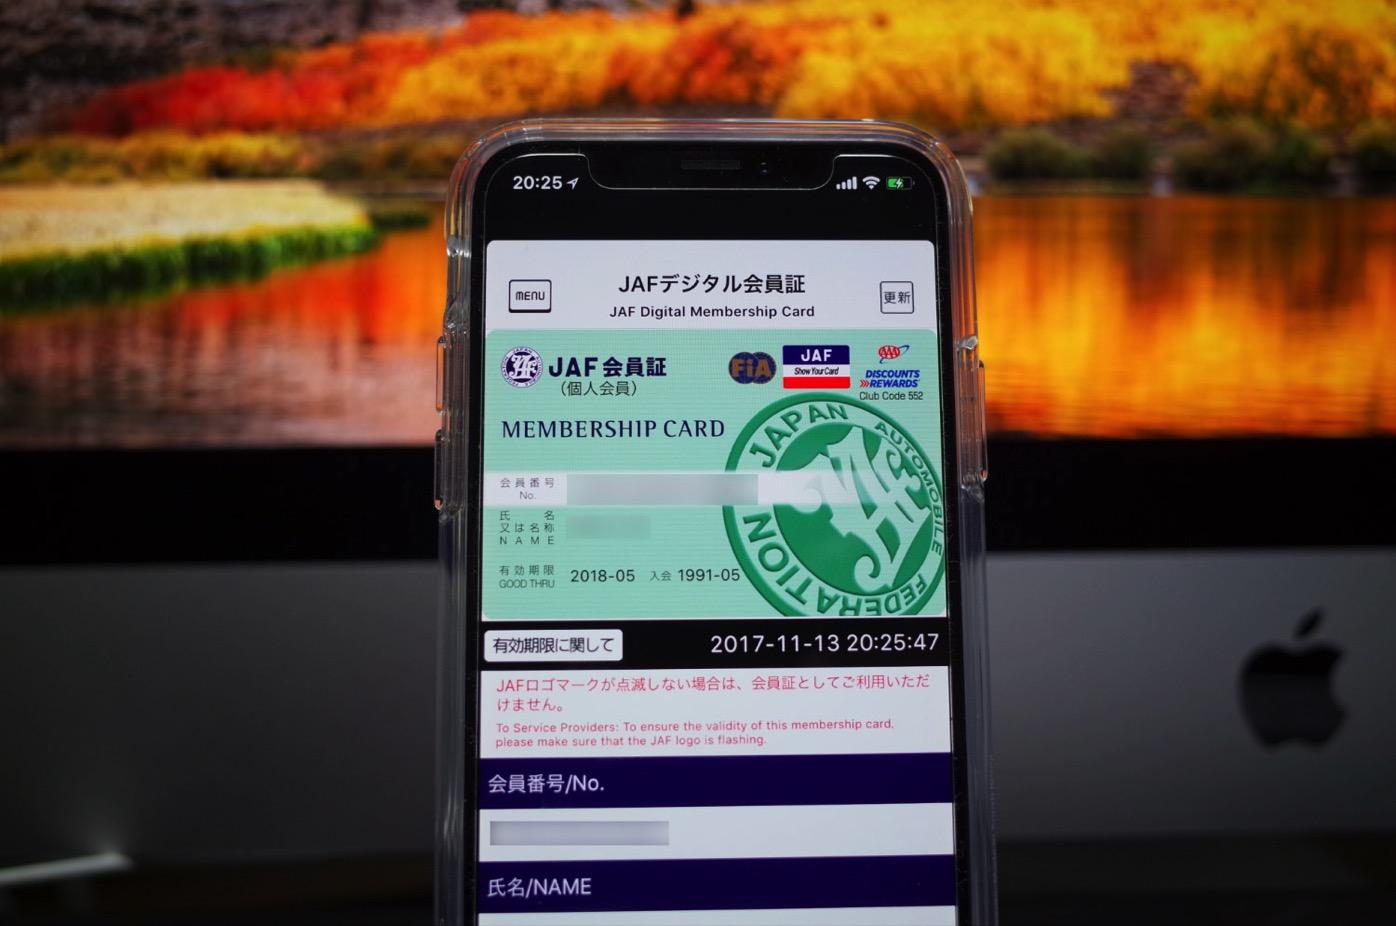 [iPhone]ドライバーの強い味方「JAF」のデジタル会員証を「iPhone X」に再設定してみたよ